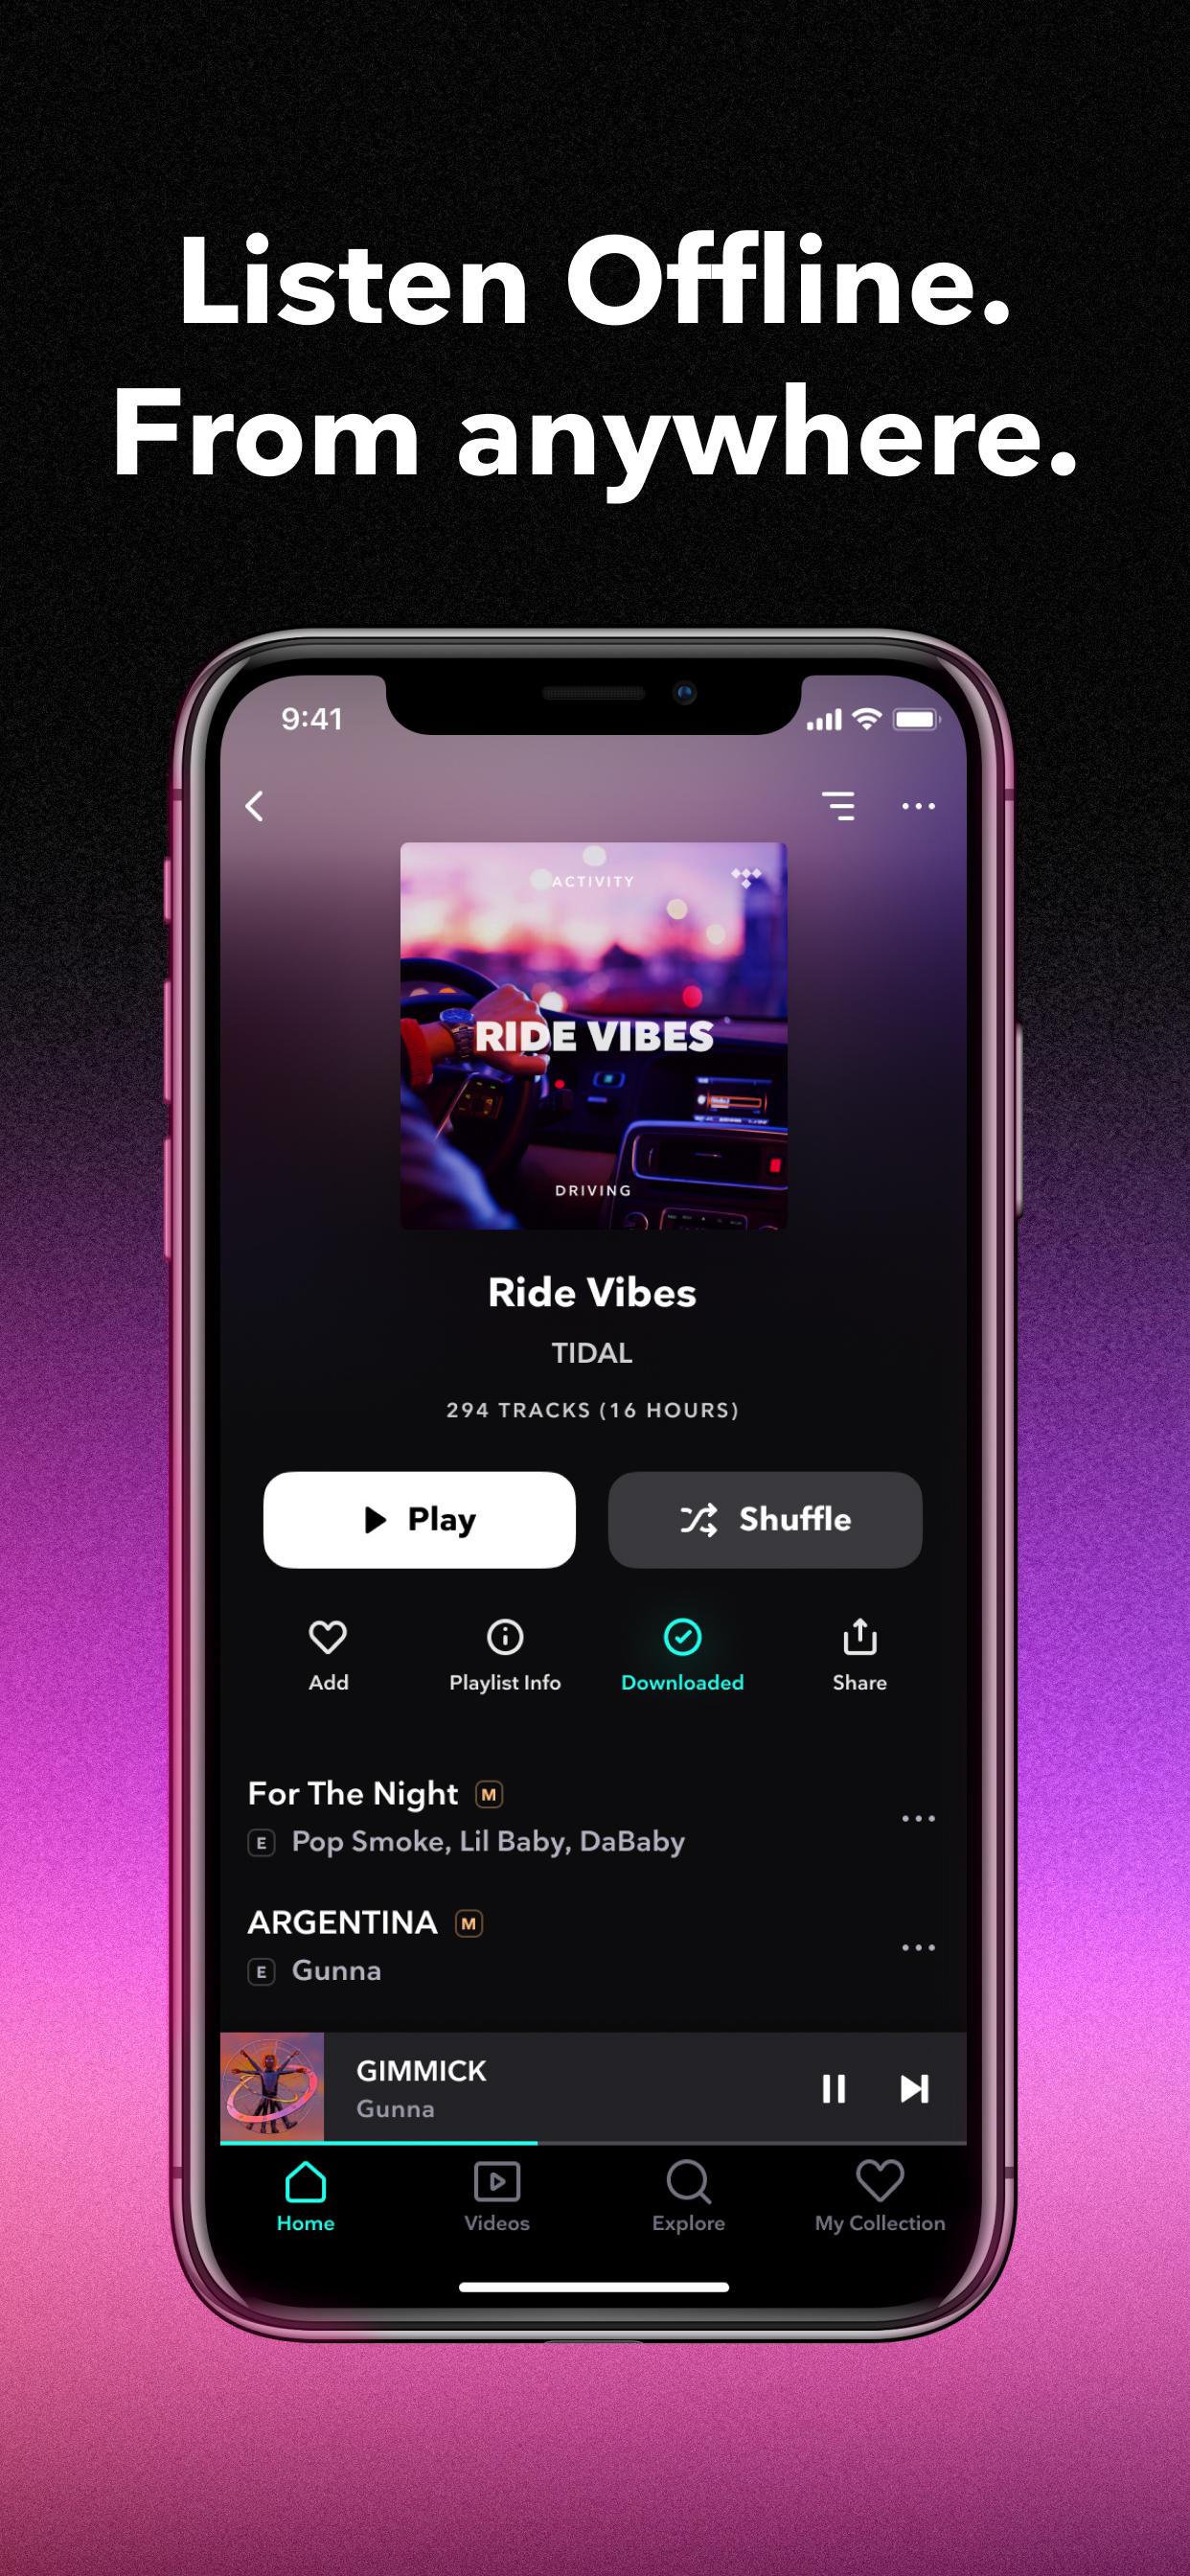 App Store screenshot 3